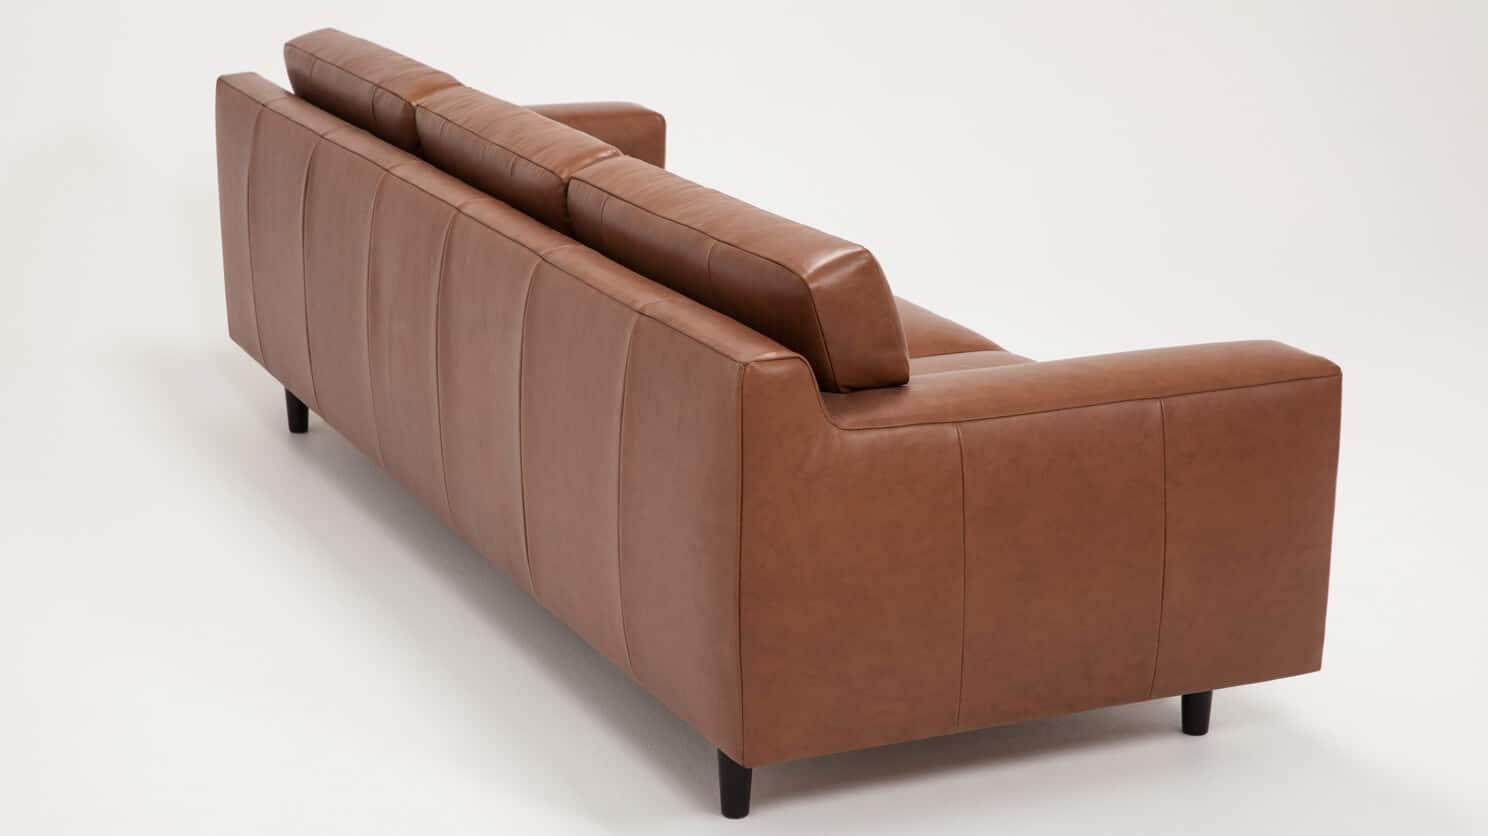 37132 s3 hp 7 sofas remi sofa classic sahara detail 04